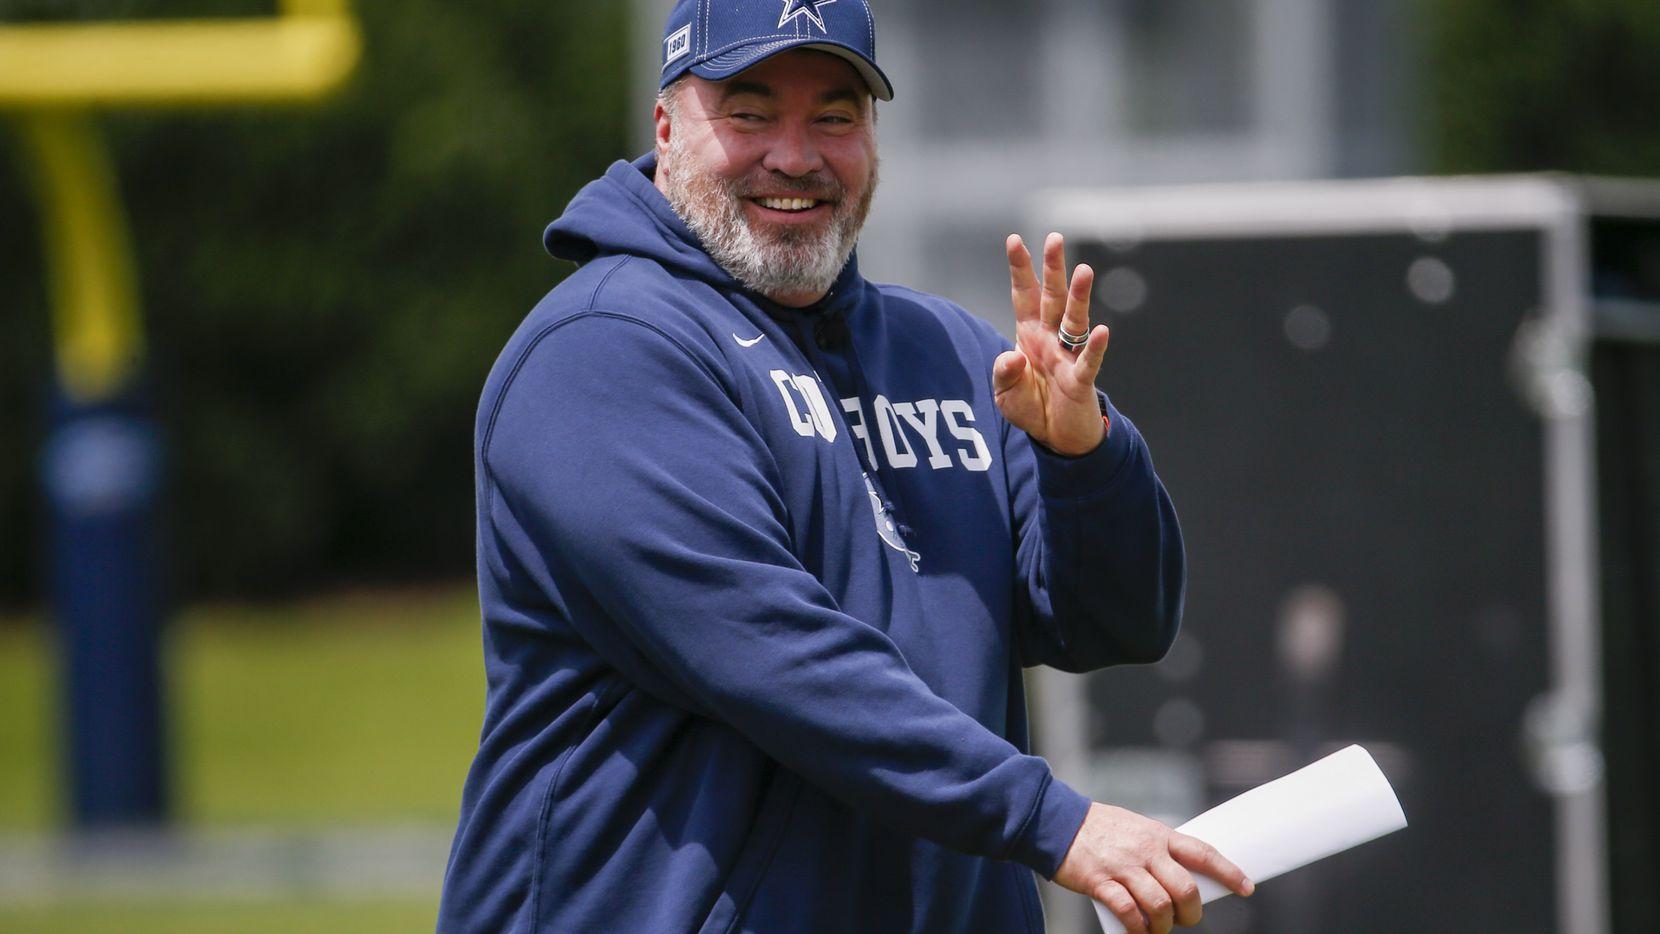 El entrenador en jefe de los Cowboys de Dallas, Mike McCarthy, dirigiendo una práctica del equipo en The Star de Frisco, el 3 de junio de 2021.